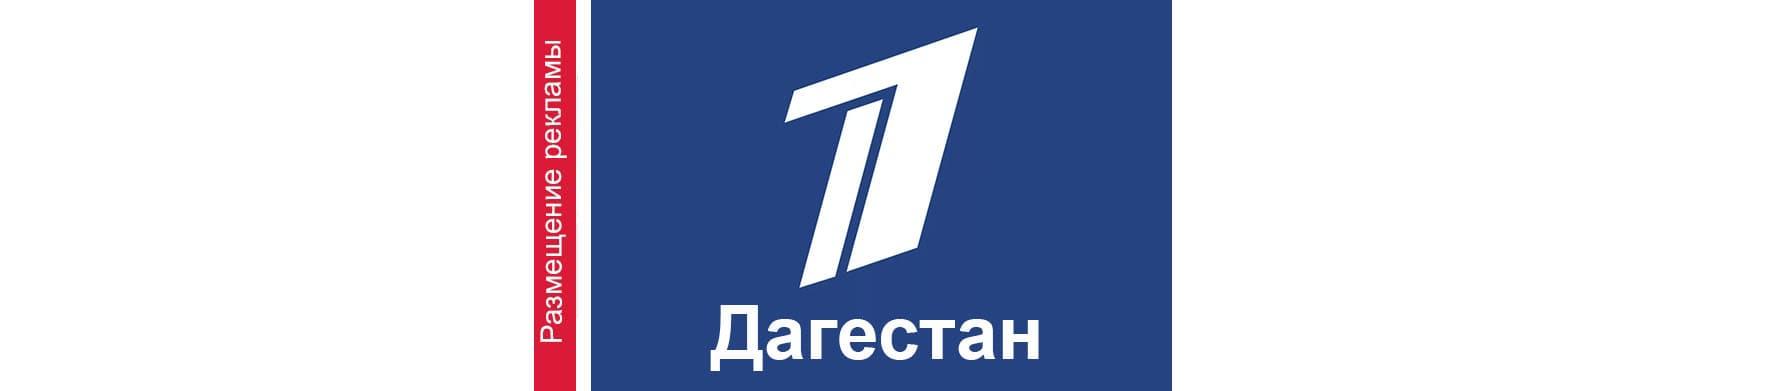 Реклама на телевидении в Дагестане Первый